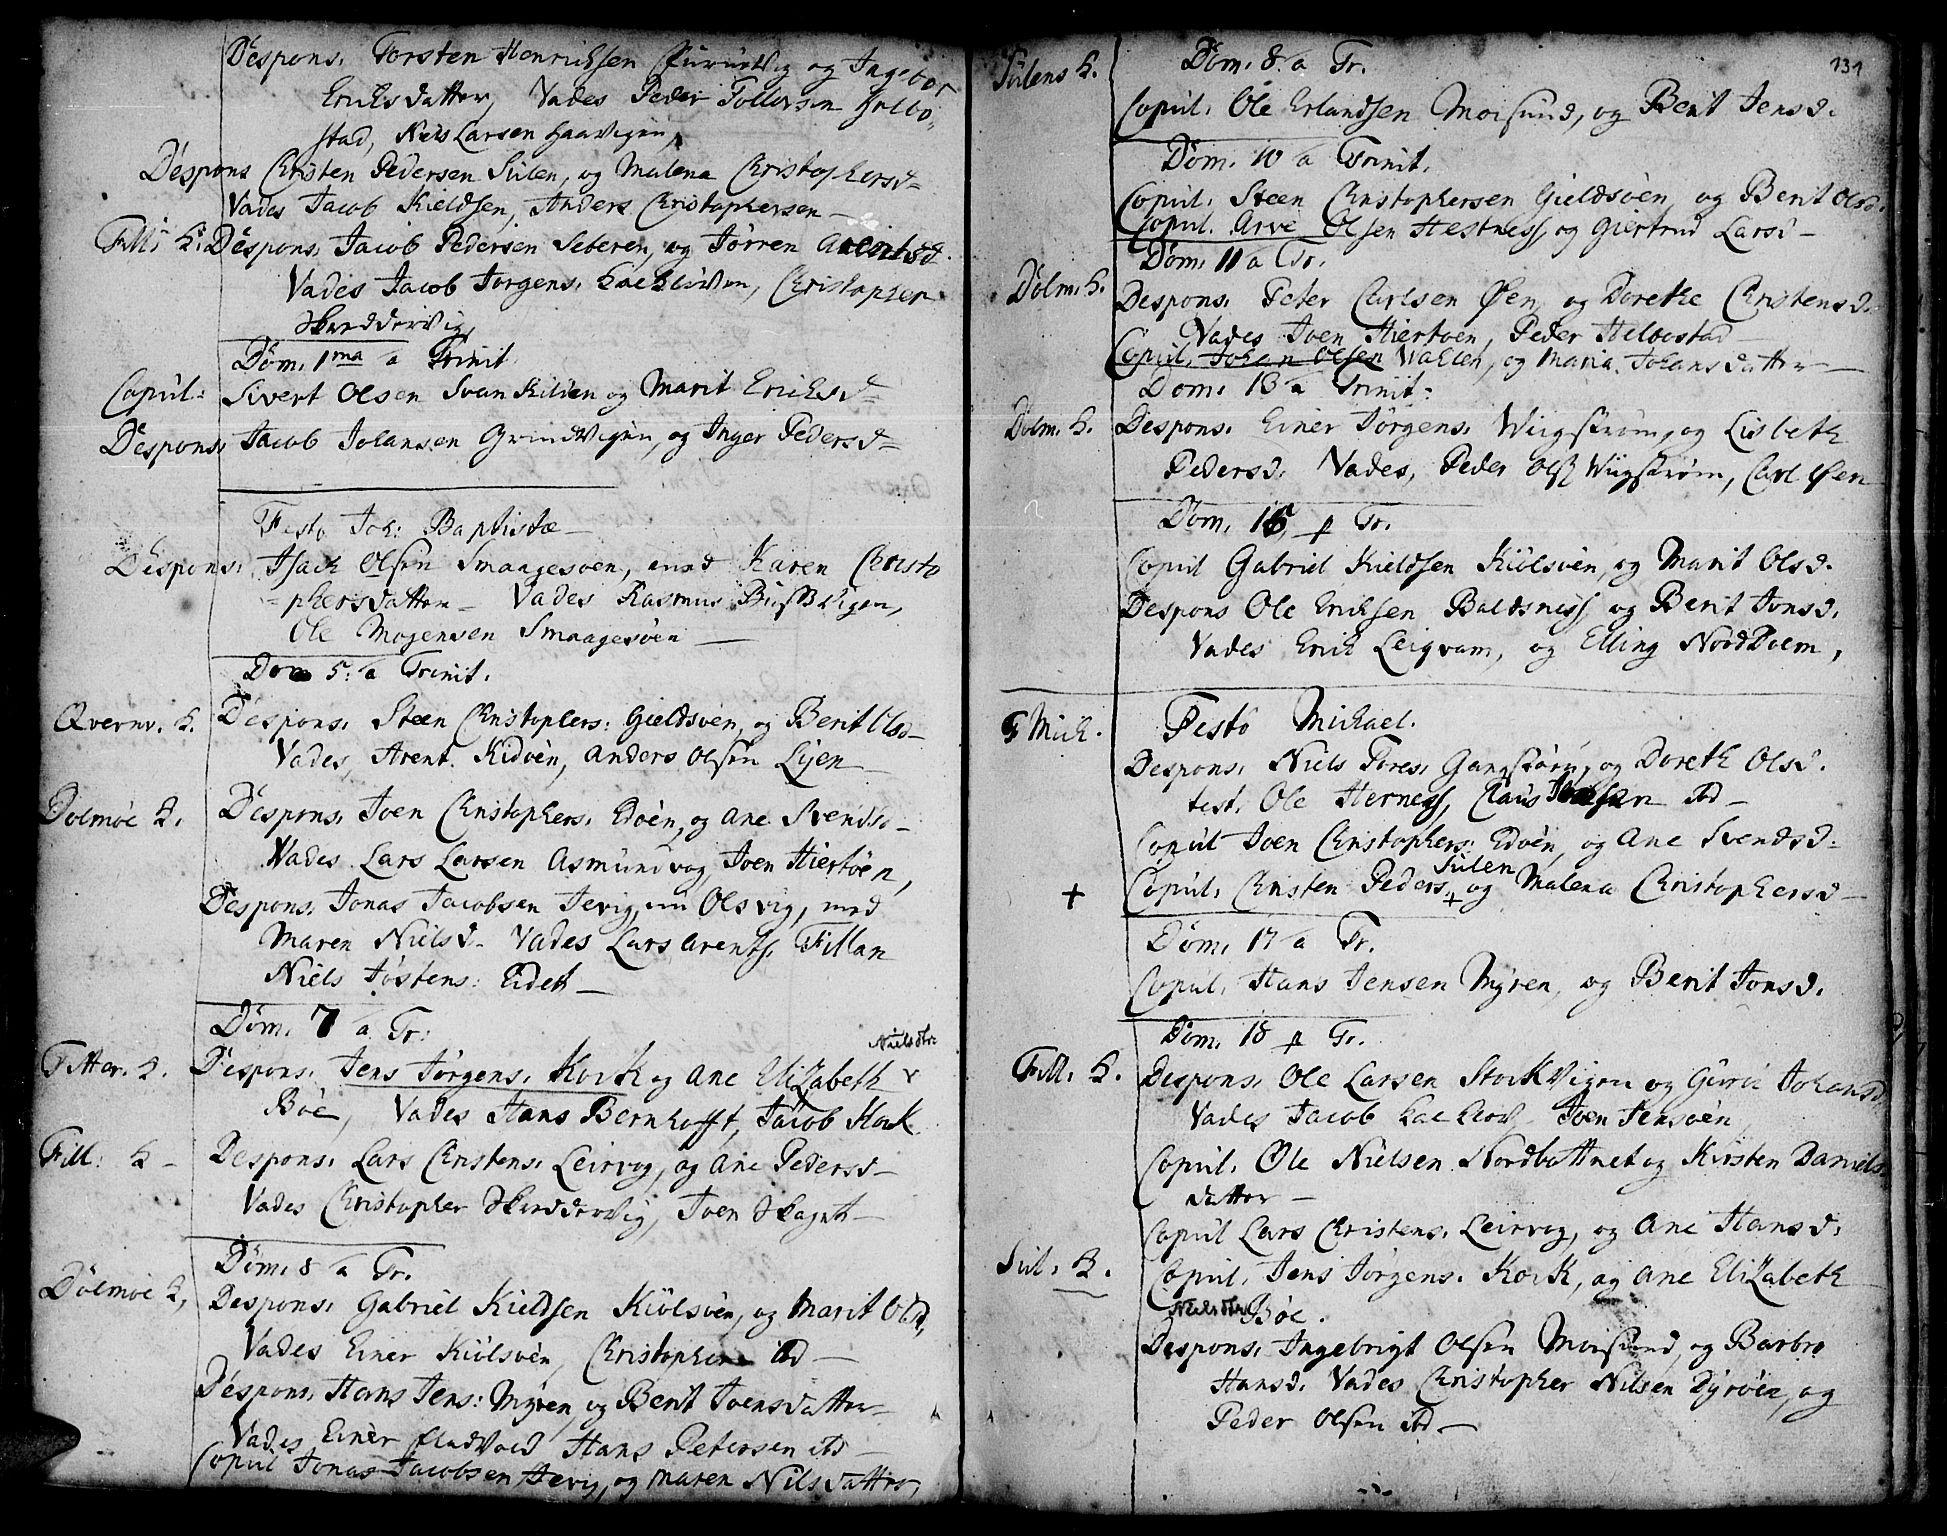 SAT, Ministerialprotokoller, klokkerbøker og fødselsregistre - Sør-Trøndelag, 634/L0525: Ministerialbok nr. 634A01, 1736-1775, s. 131